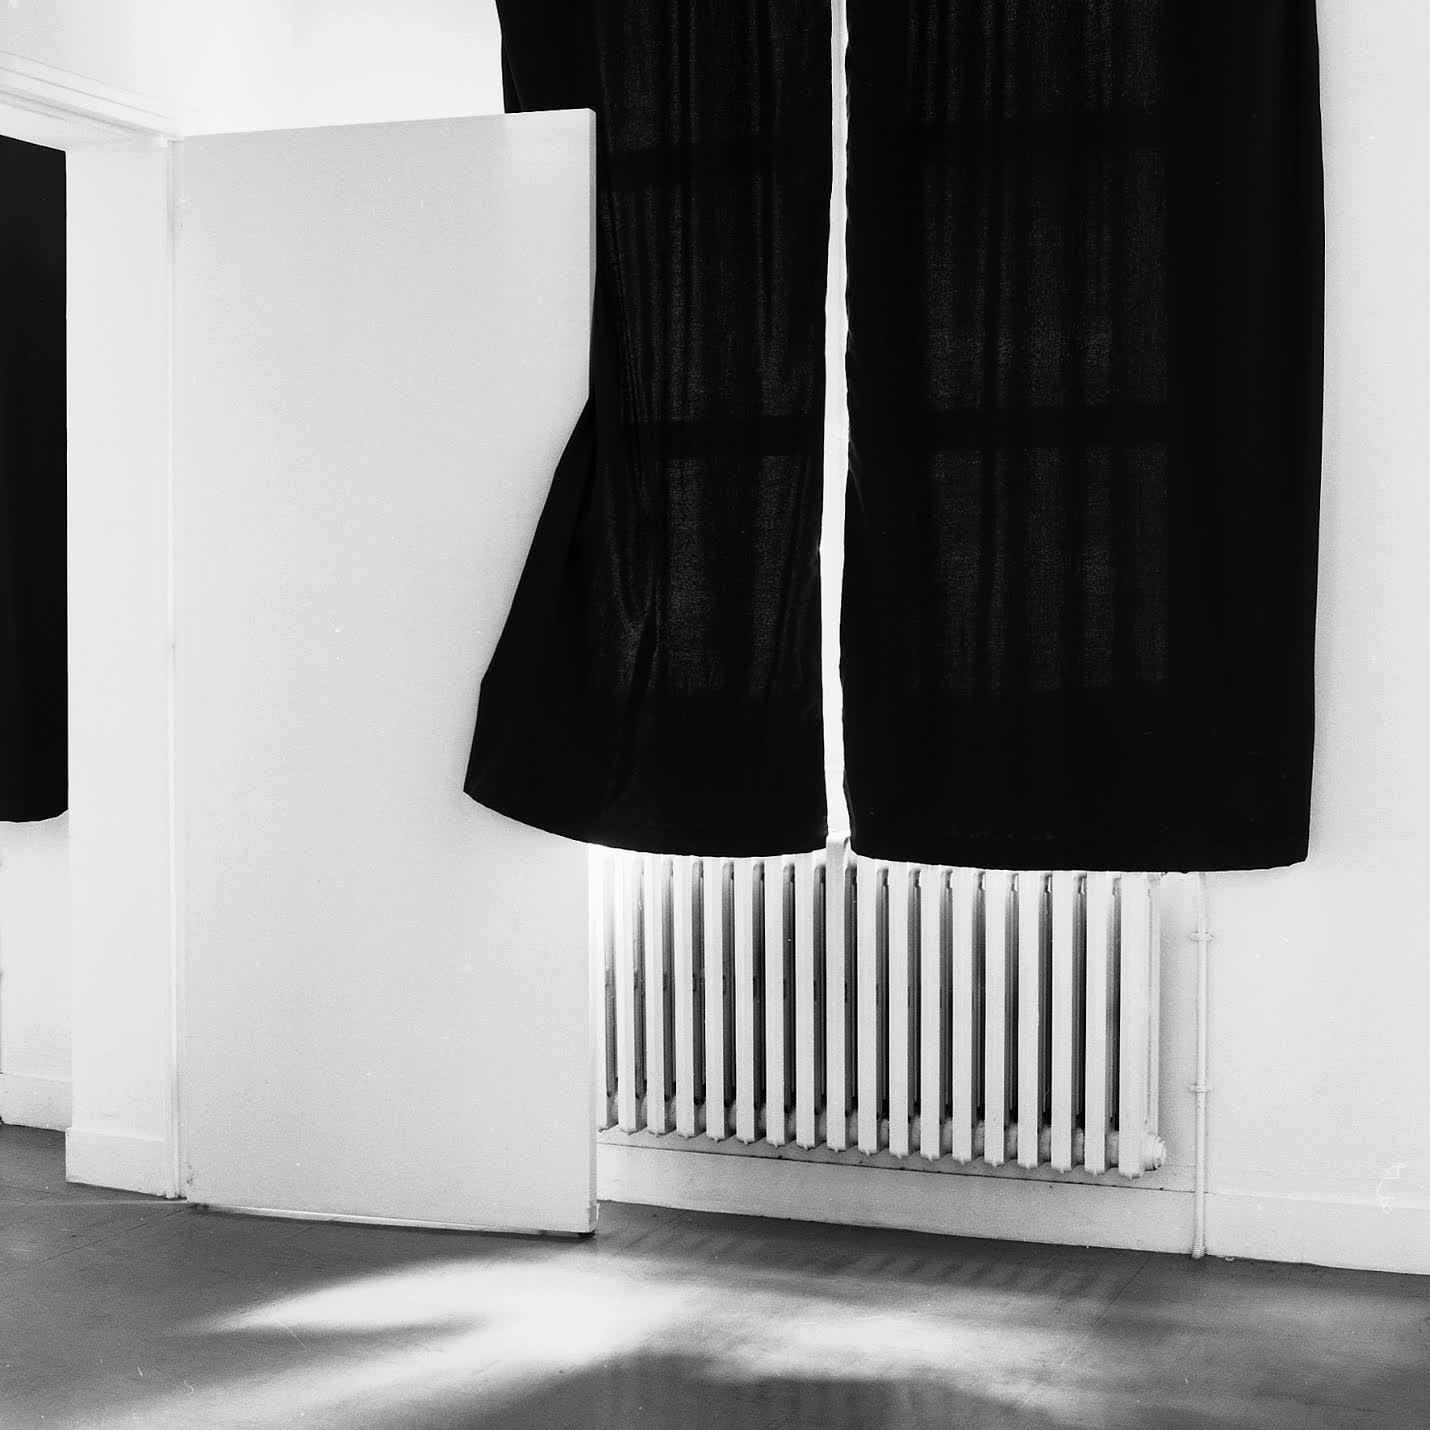 L40_Exhibition_Versuch-einen-Platz-Einladung